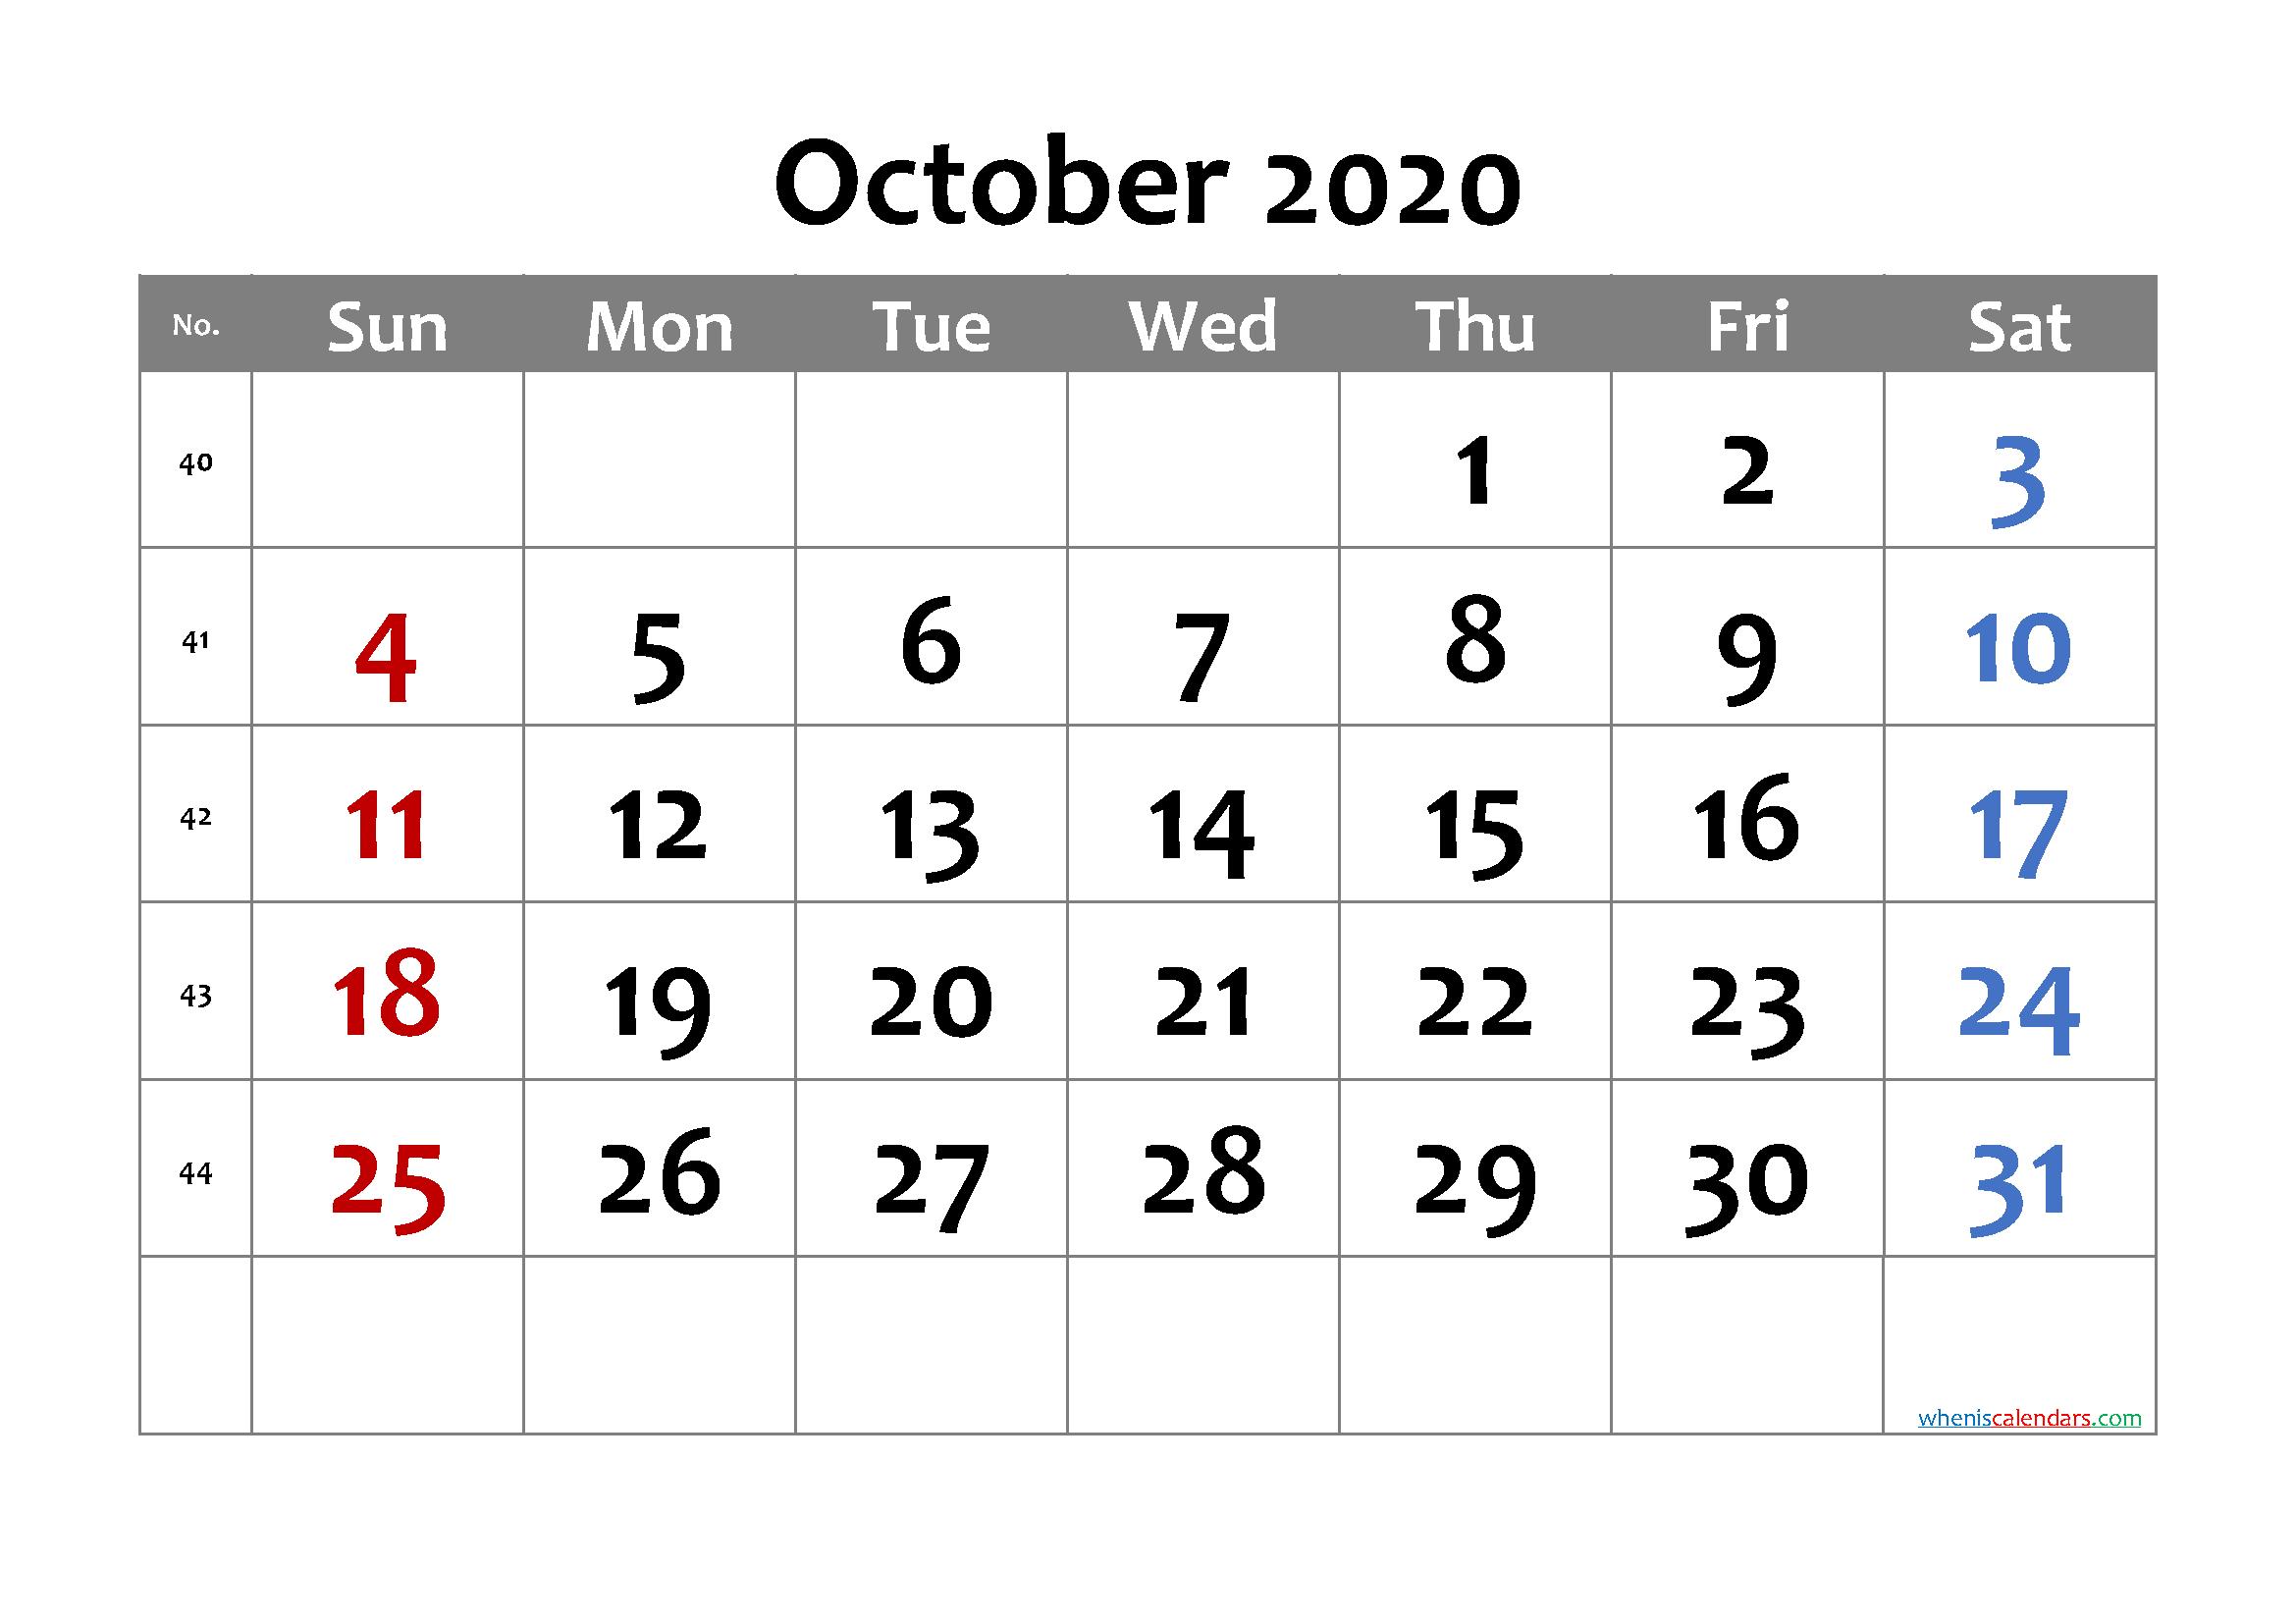 Free Printable October 2020 Calendar with Week Numbers